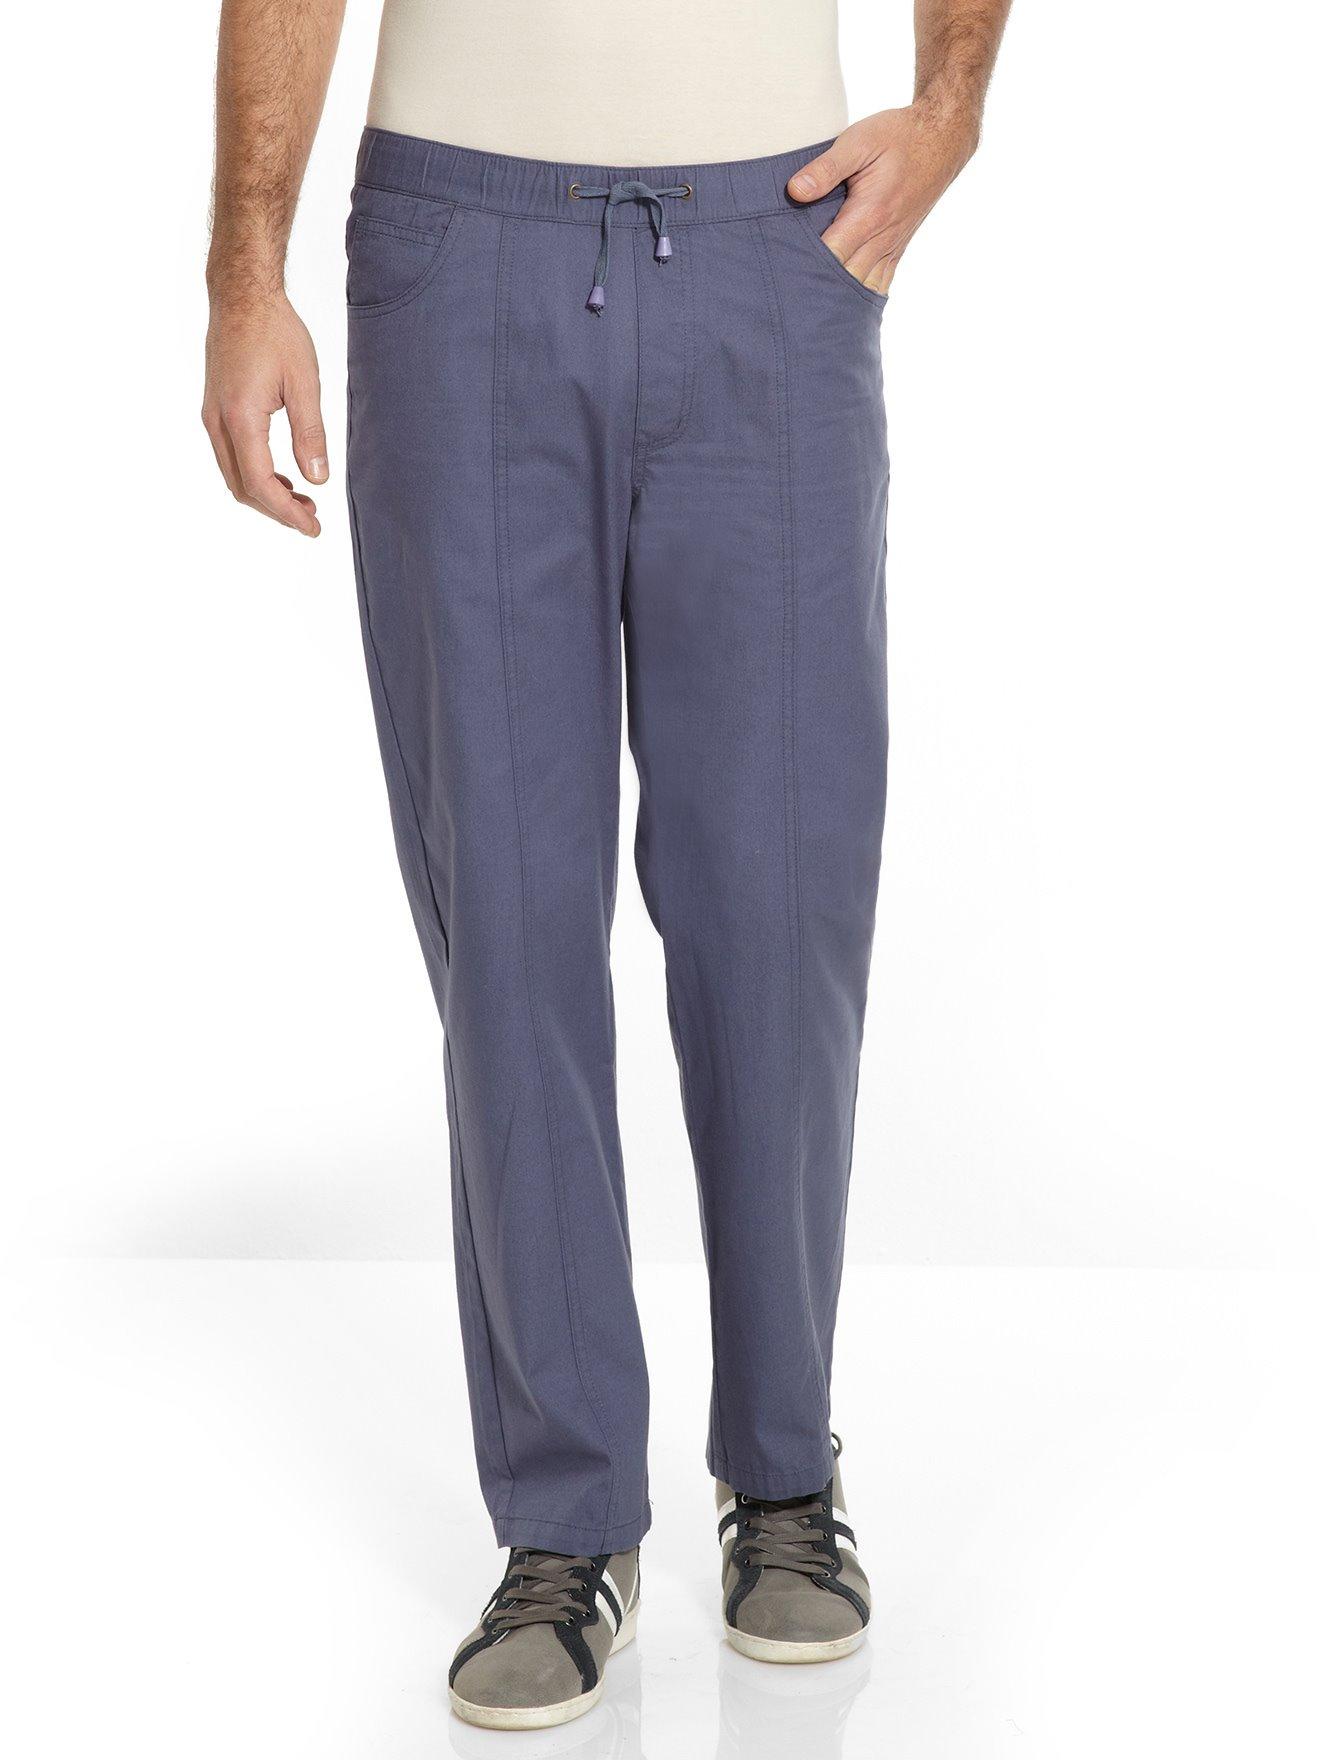 pantalon homme elastique